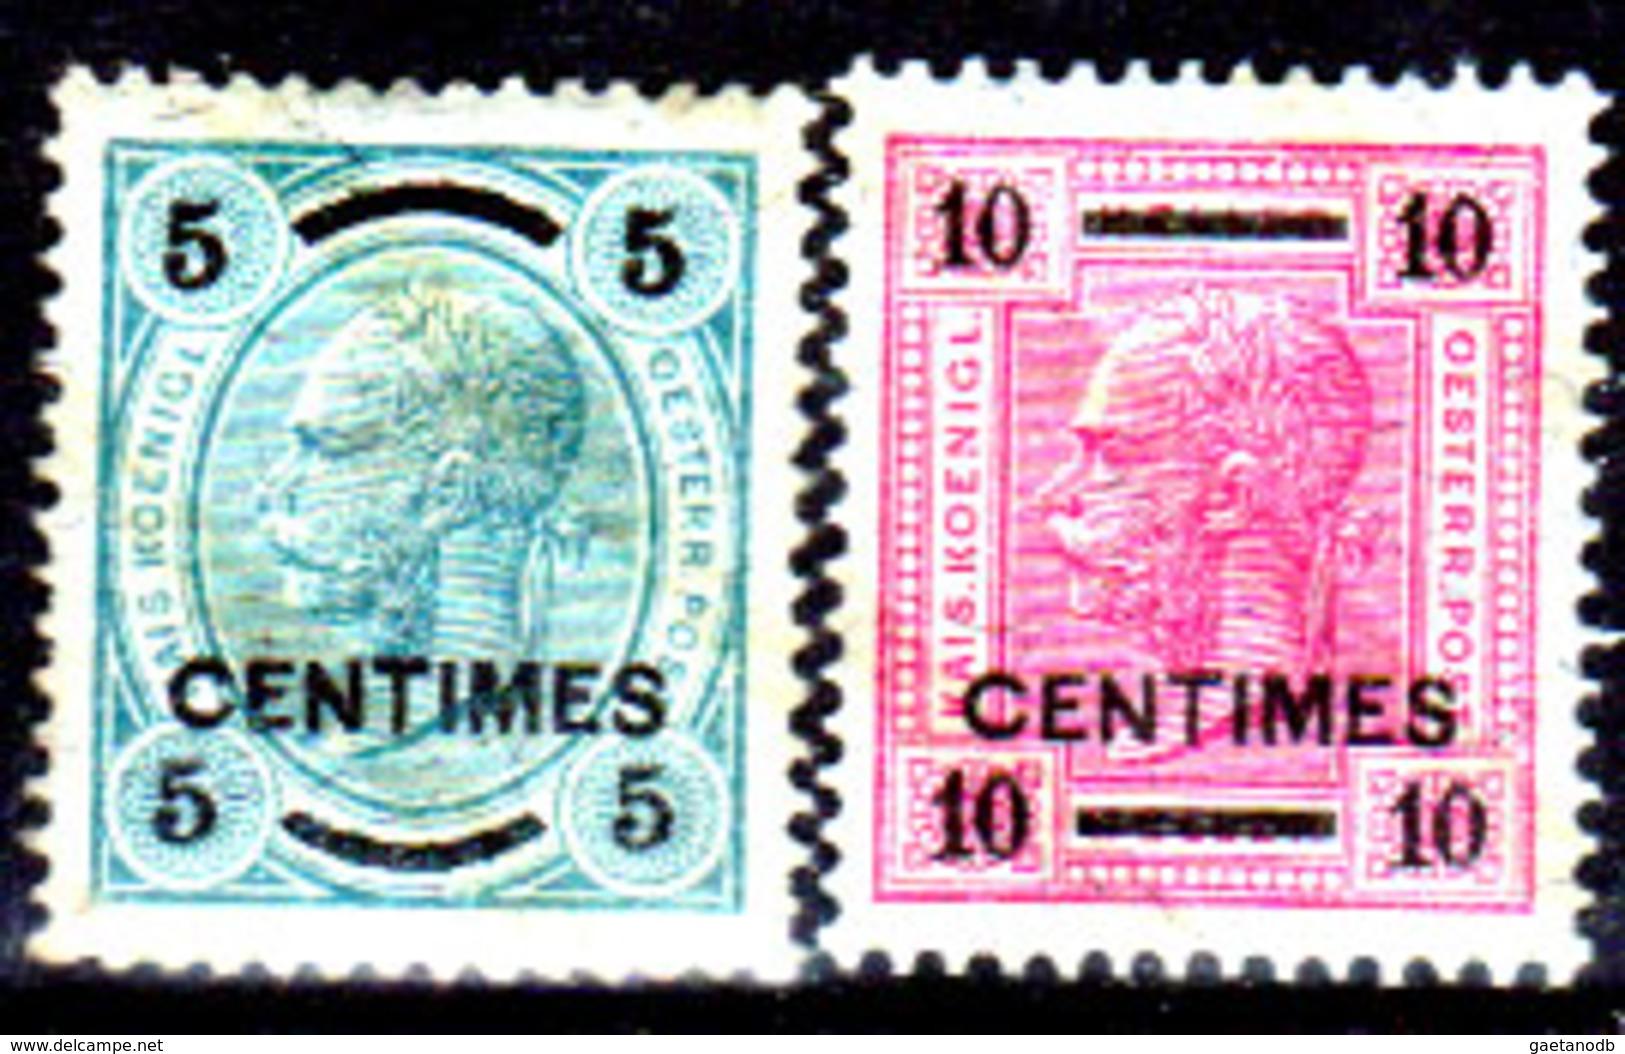 Creta-045 - Emissione 1903-04 (+) LH - Senza Difetti Occulti. - Creta